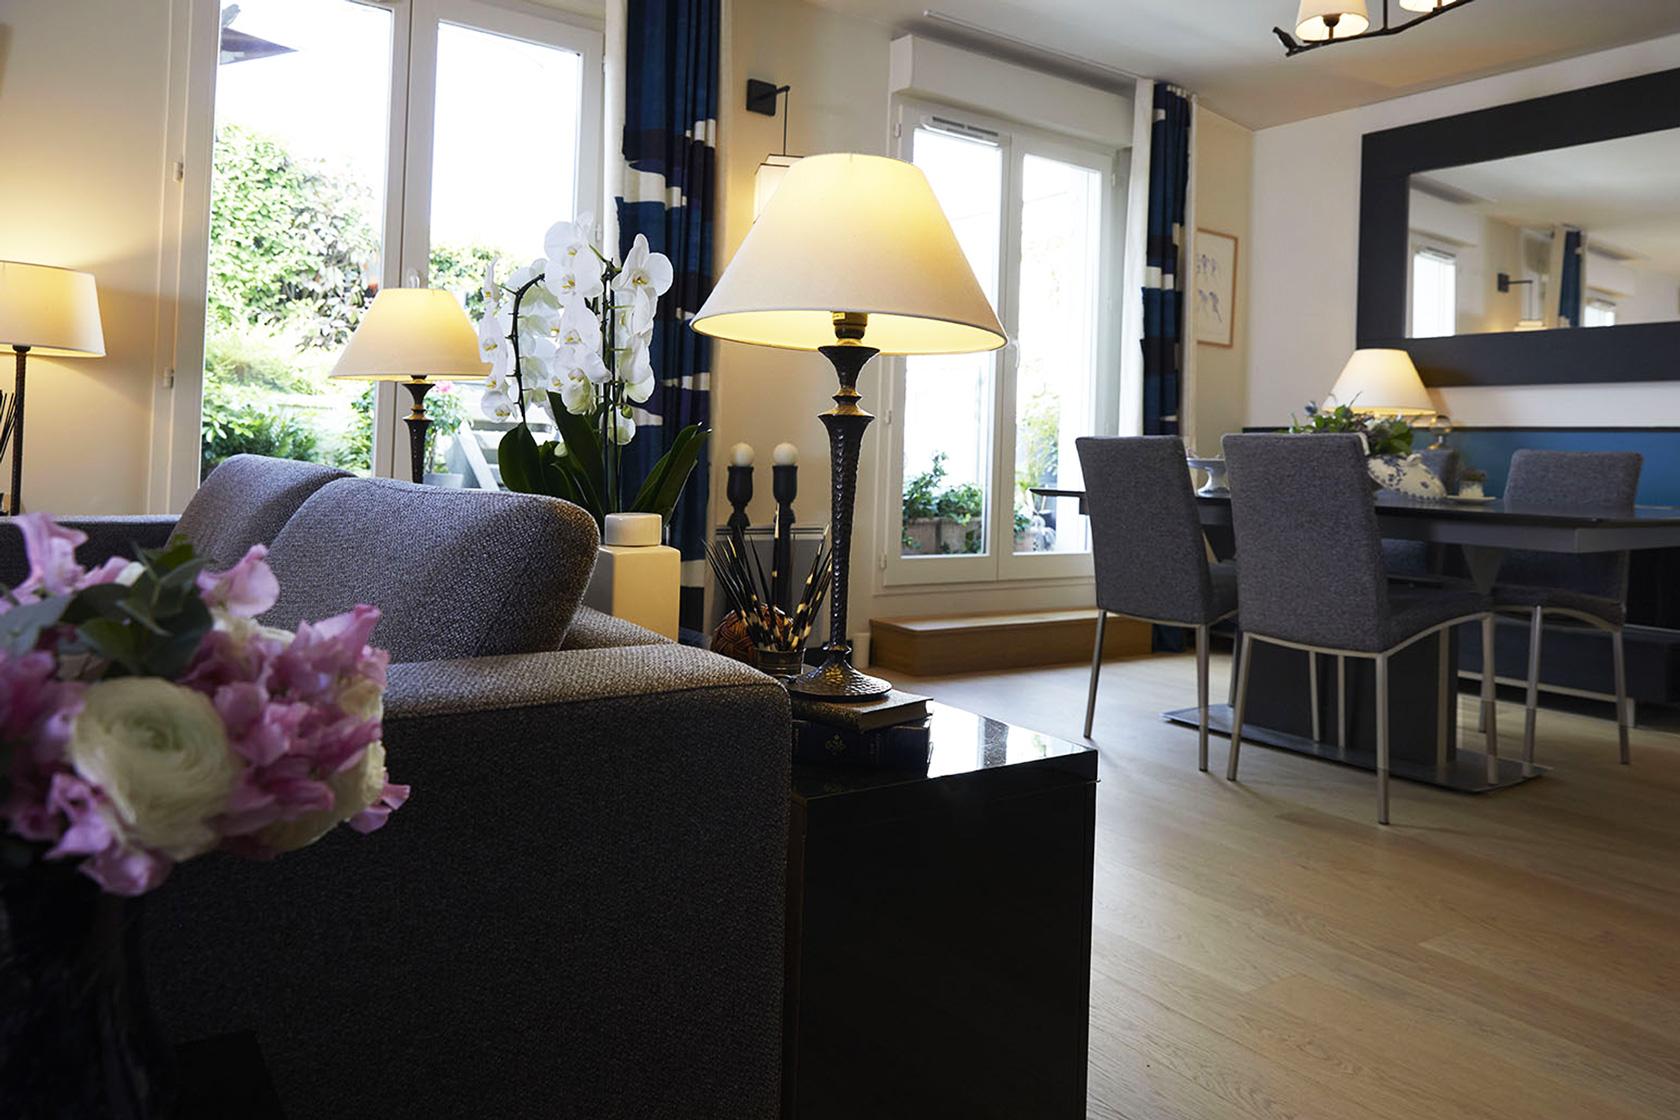 Décoration Appartement 40m2 à Nogent sur Marne - le salon avec vue sur la salle à manger, par Catherine Lefret, Architecte d'intérieur et Décoratrice dans les Yvelines et Hauts de Seine, 78 92